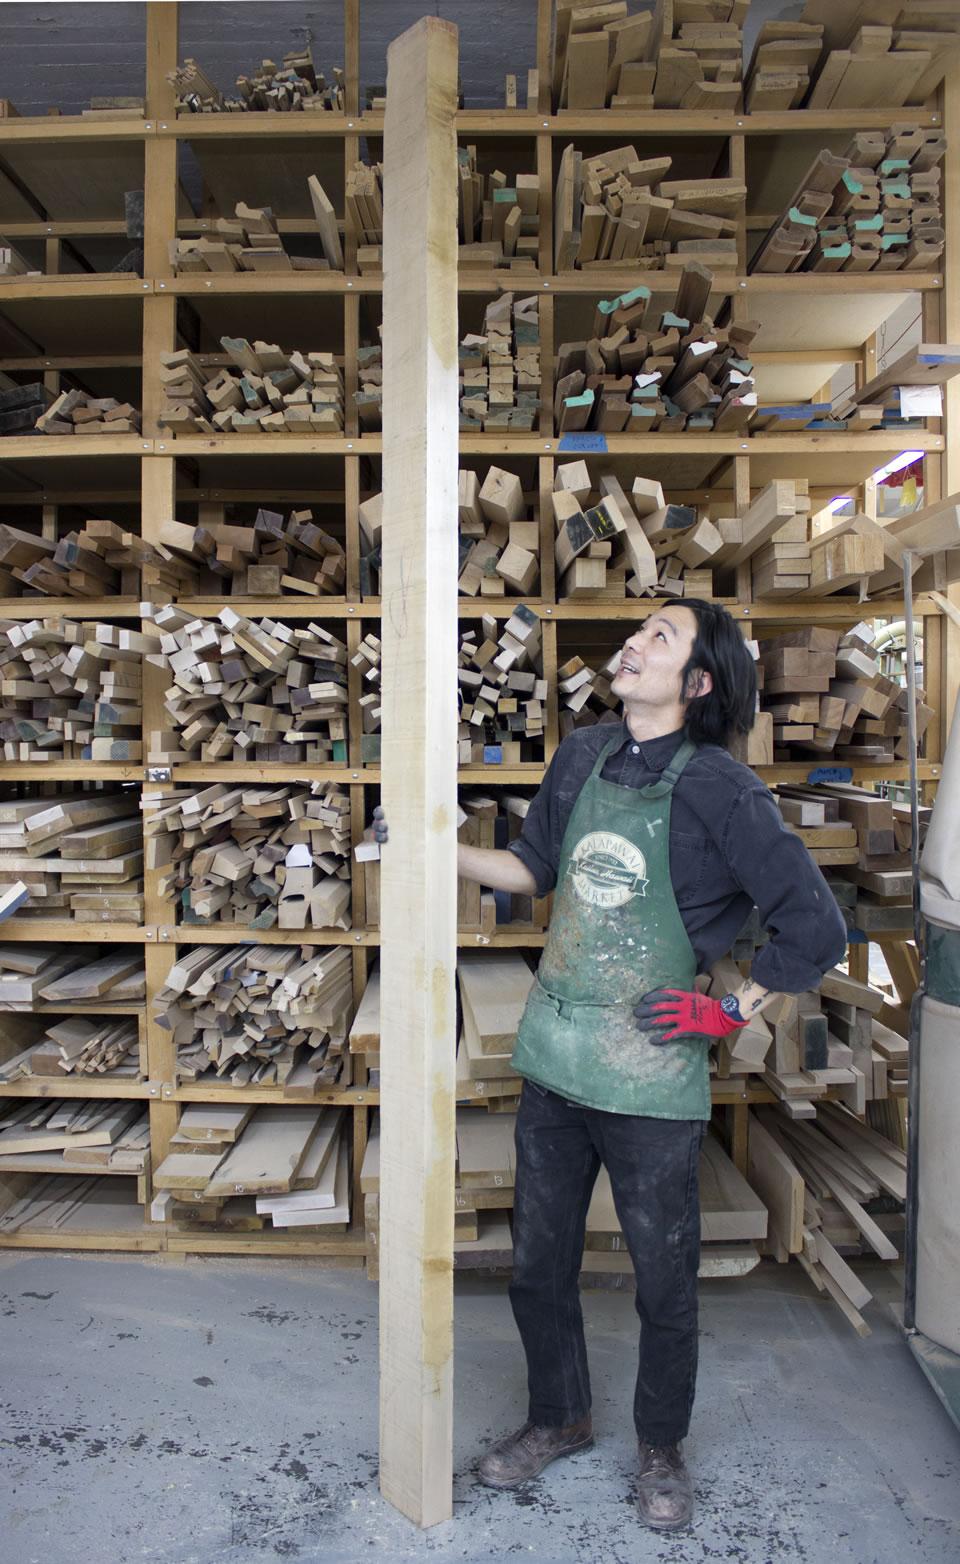 Peter Suzuki working in the woodshop